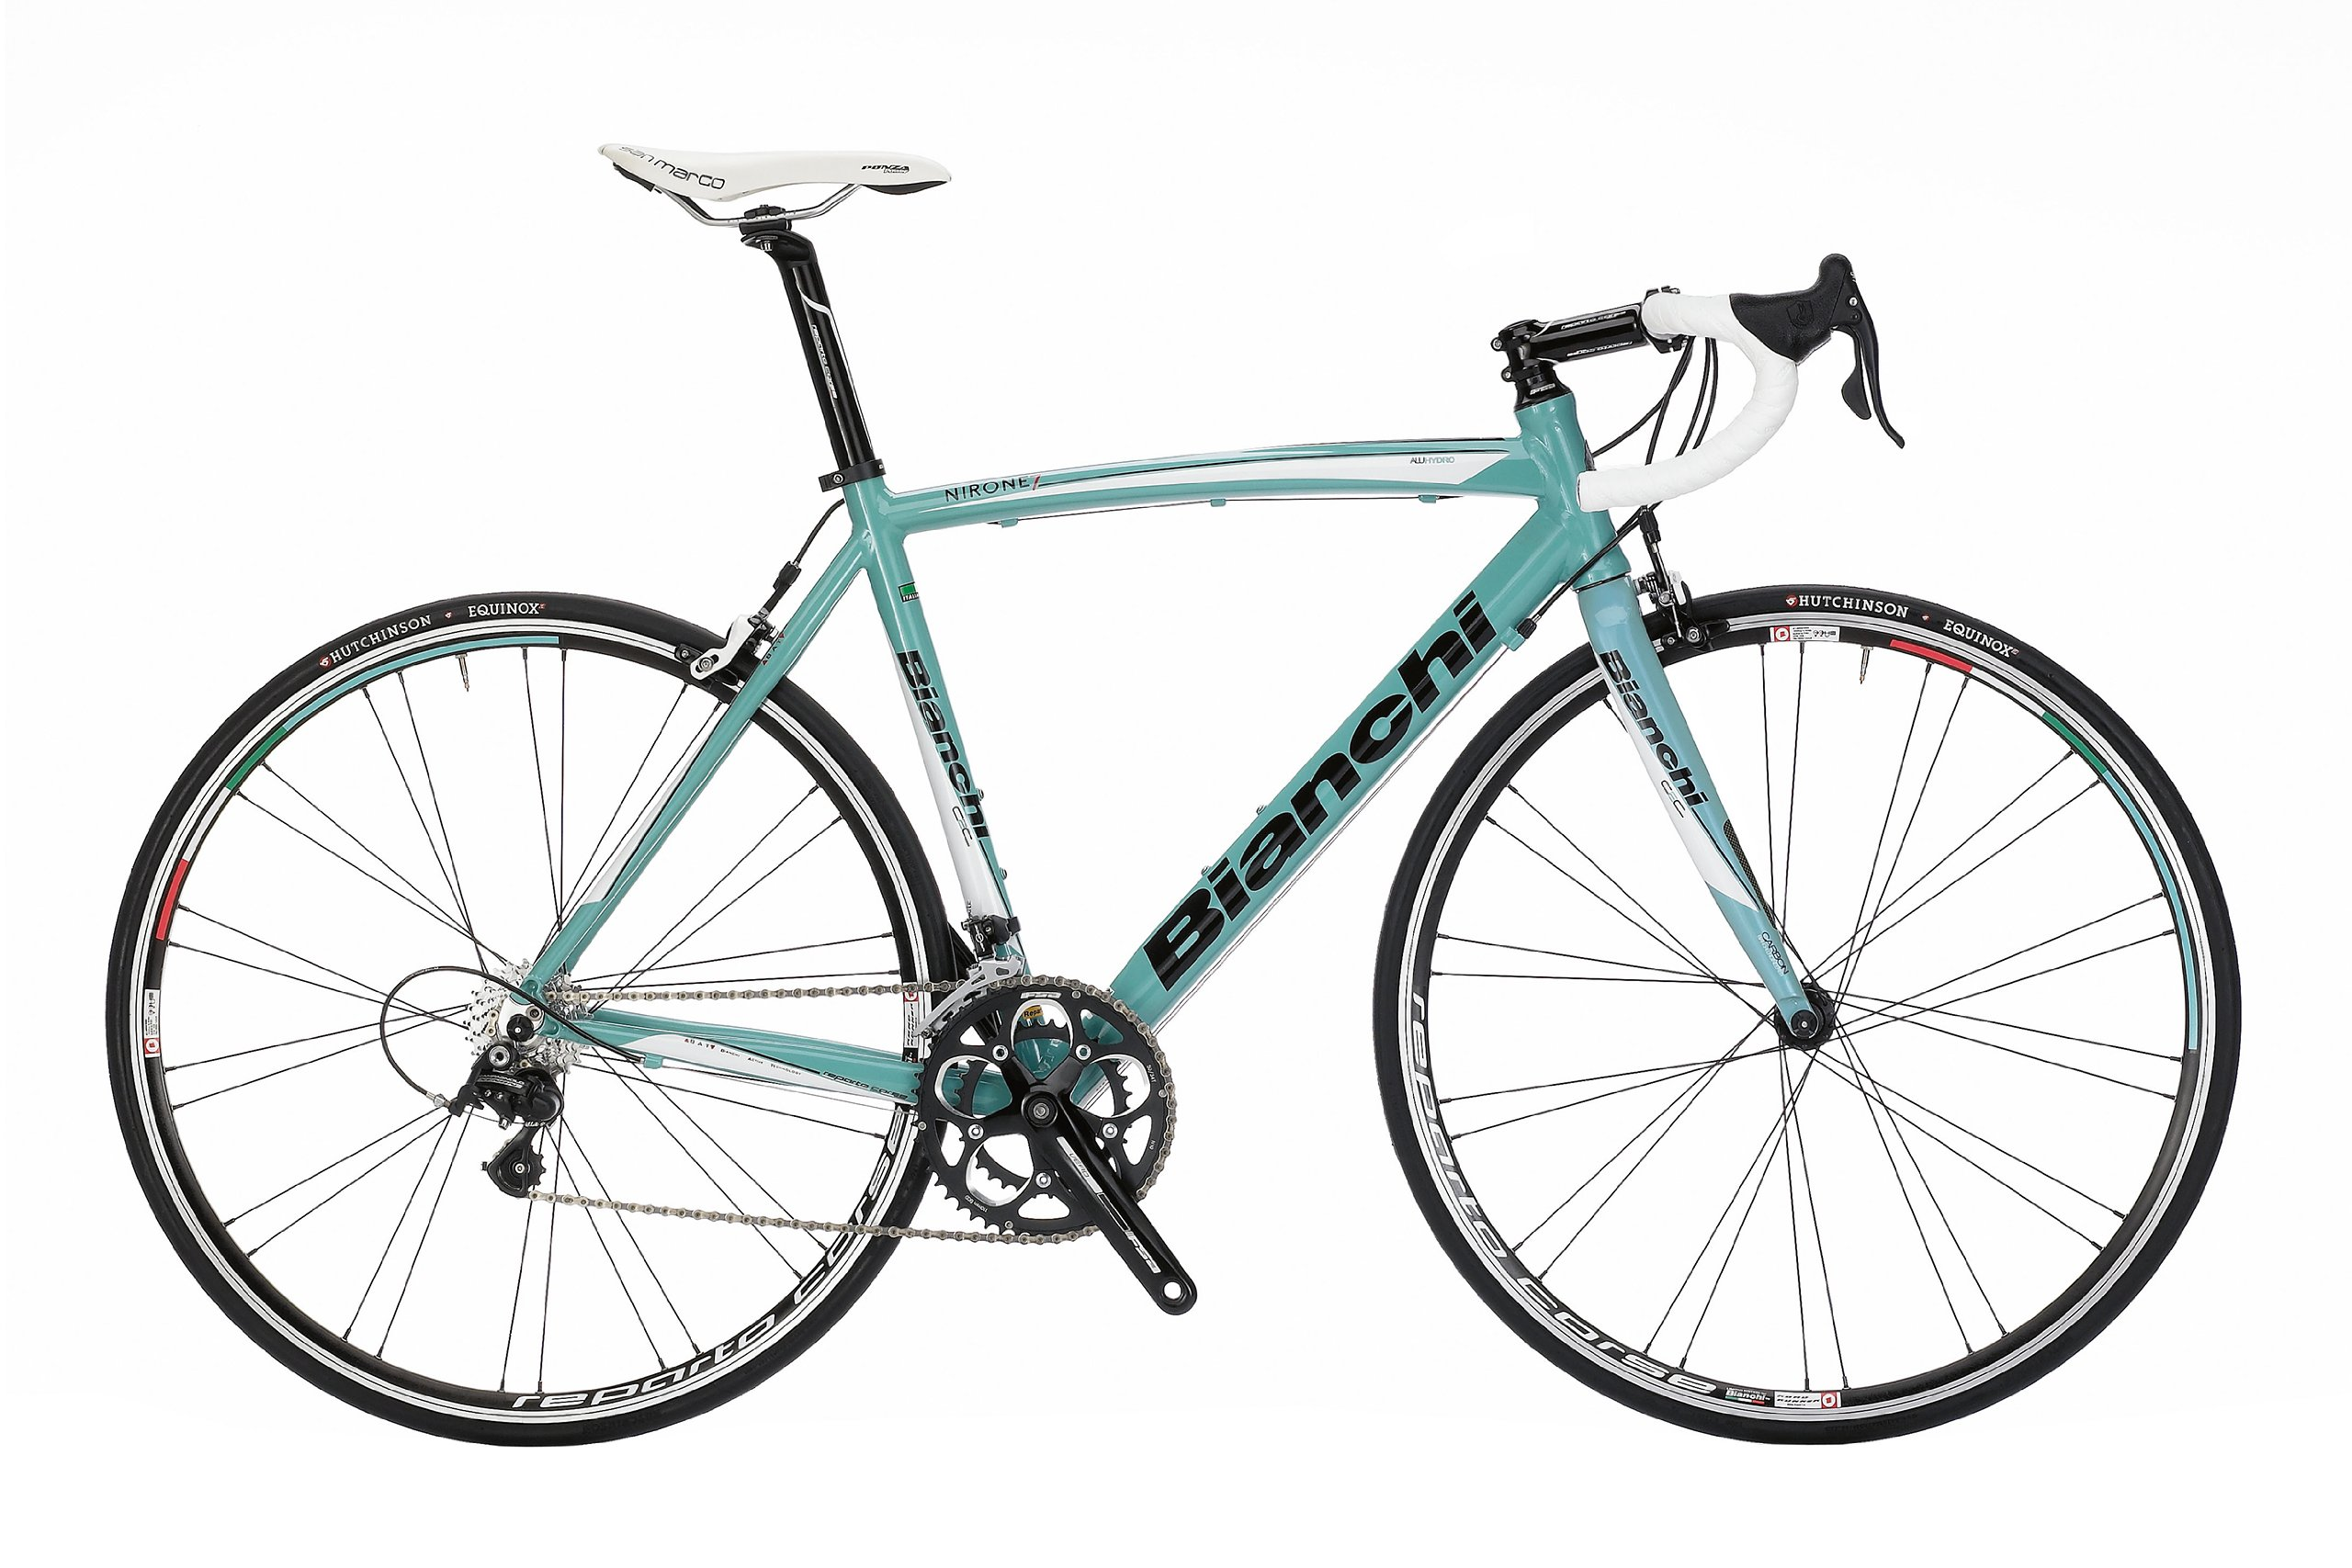 Bianchi - Bicicleta de carretera, talla 57 cm: Amazon.es: Deportes ...